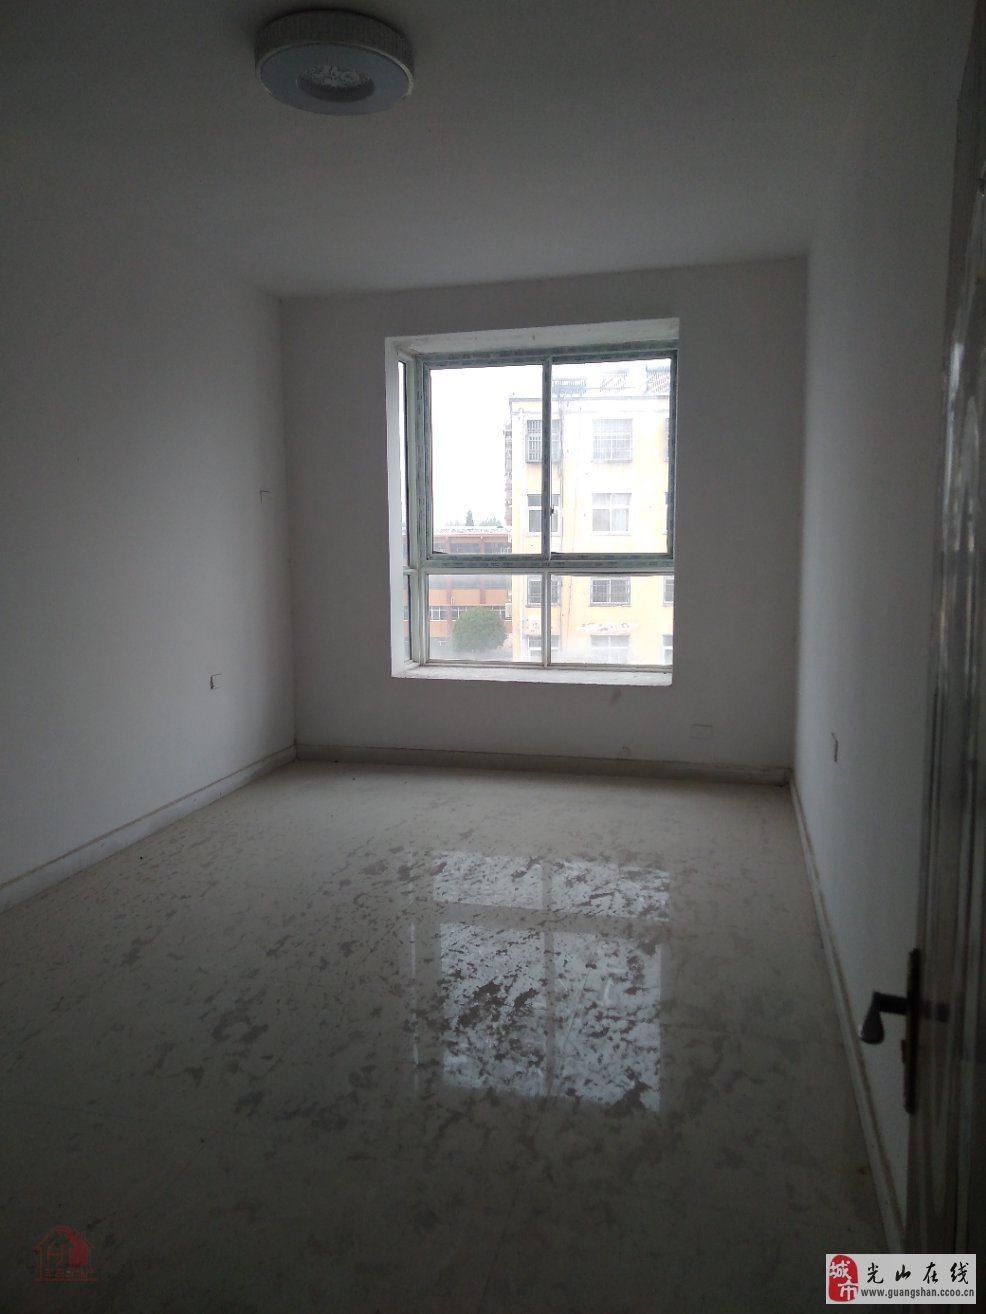 九龙贸易公司九龙市场3室2厅2卫55万元